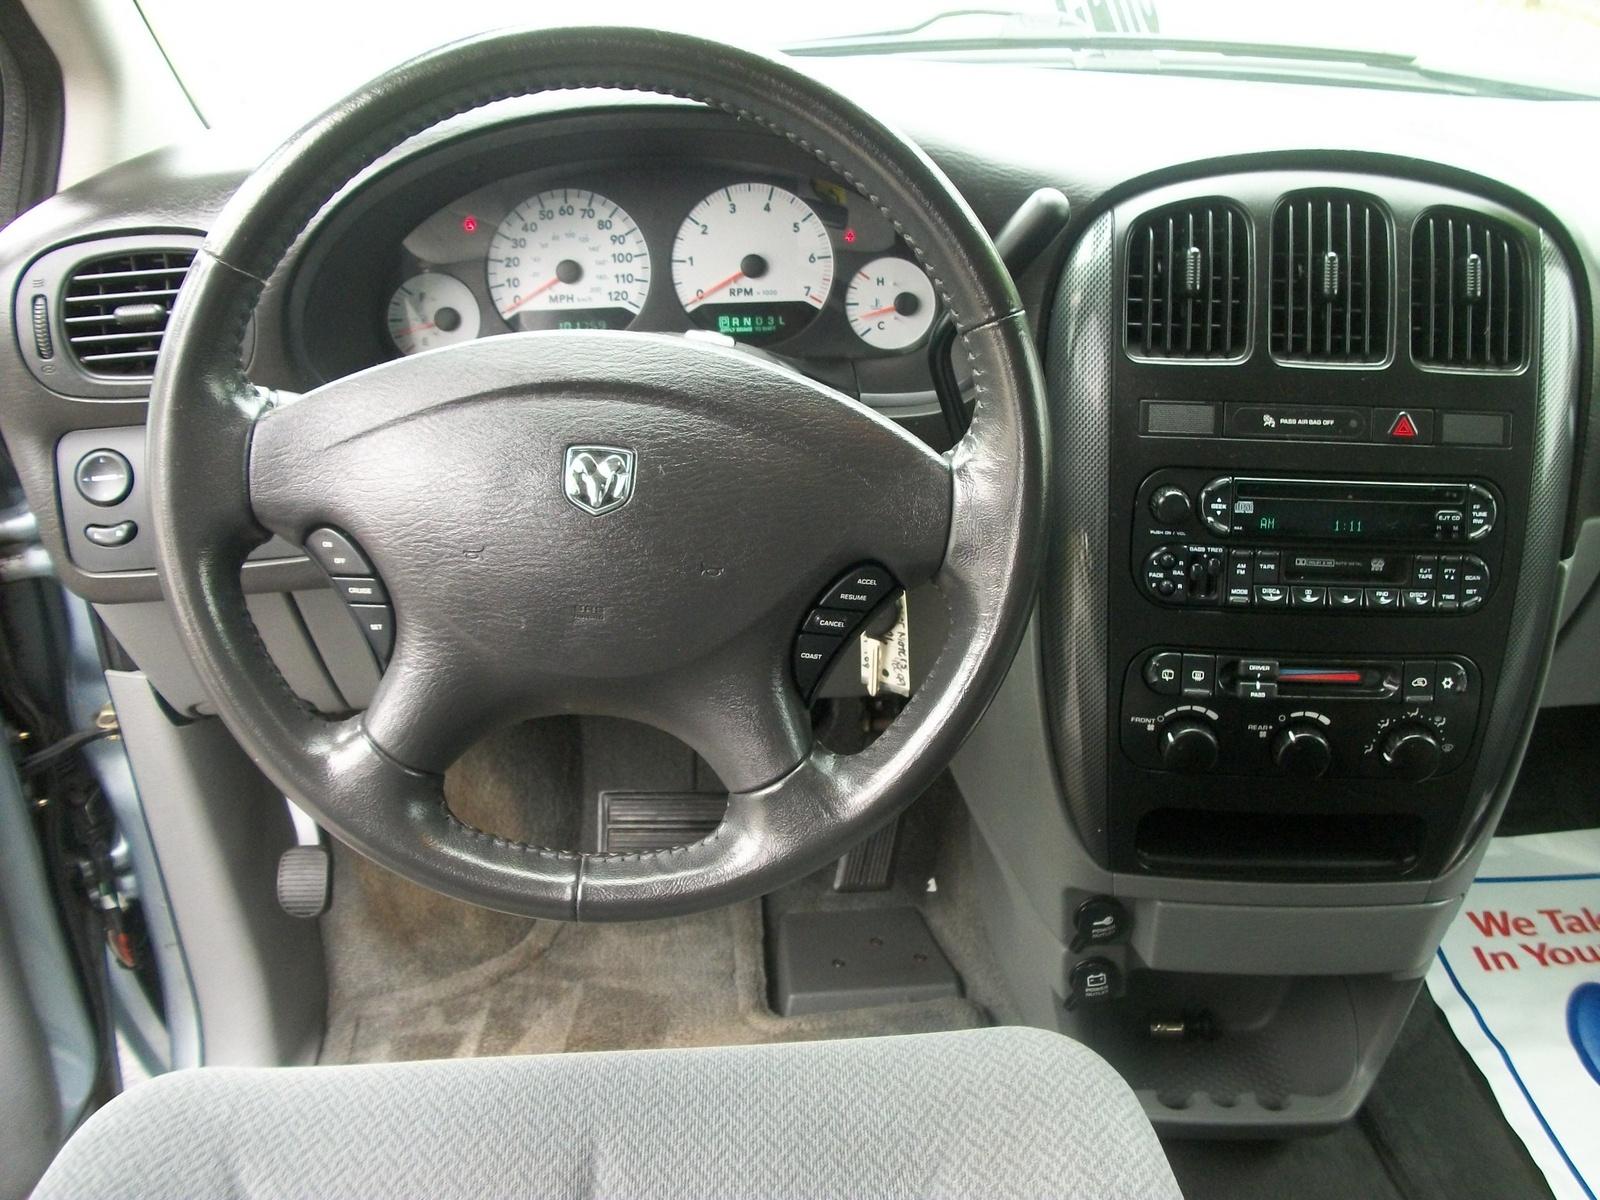 2006 Dodge Grand Caravan Interior Pictures Cargurus